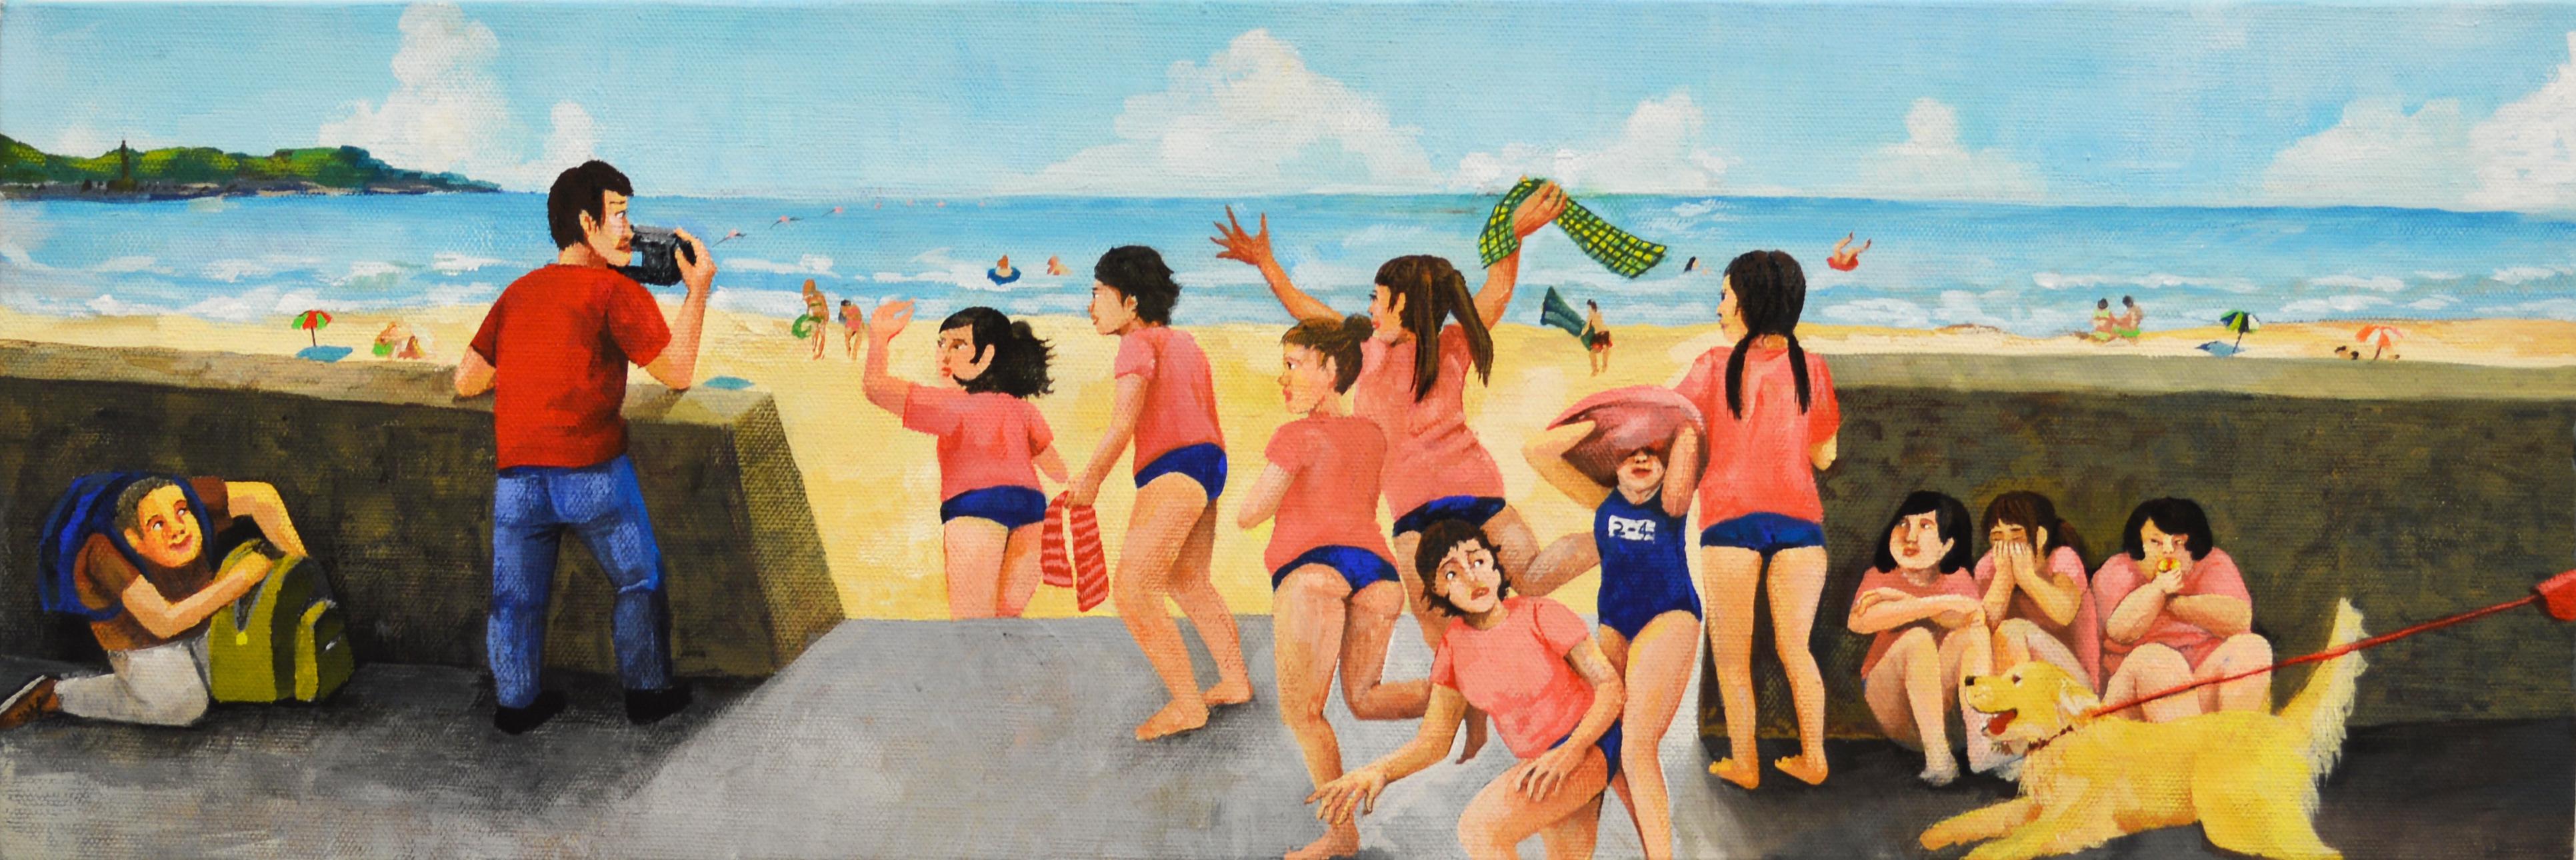 「Beach」鶴井かな子